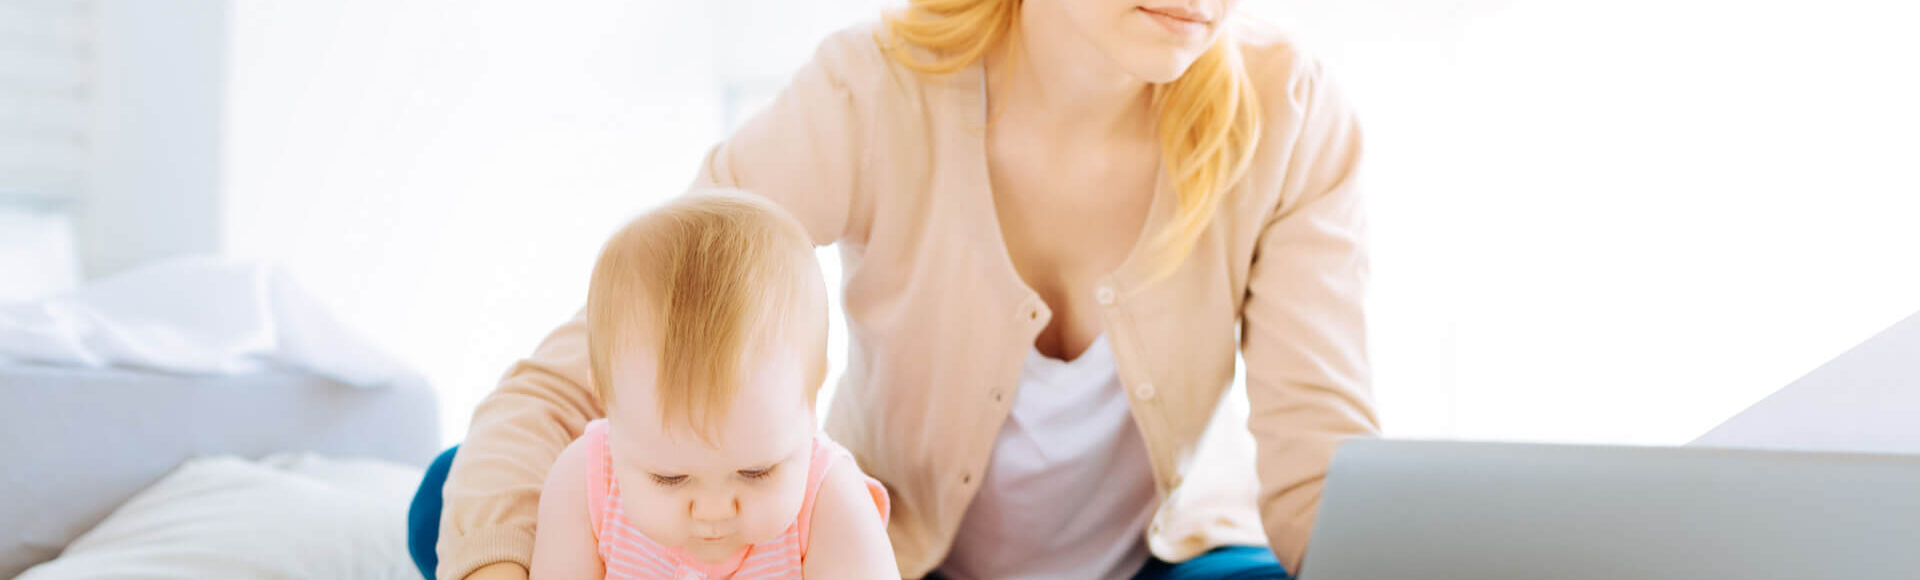 Trabalhar ou não após o parto